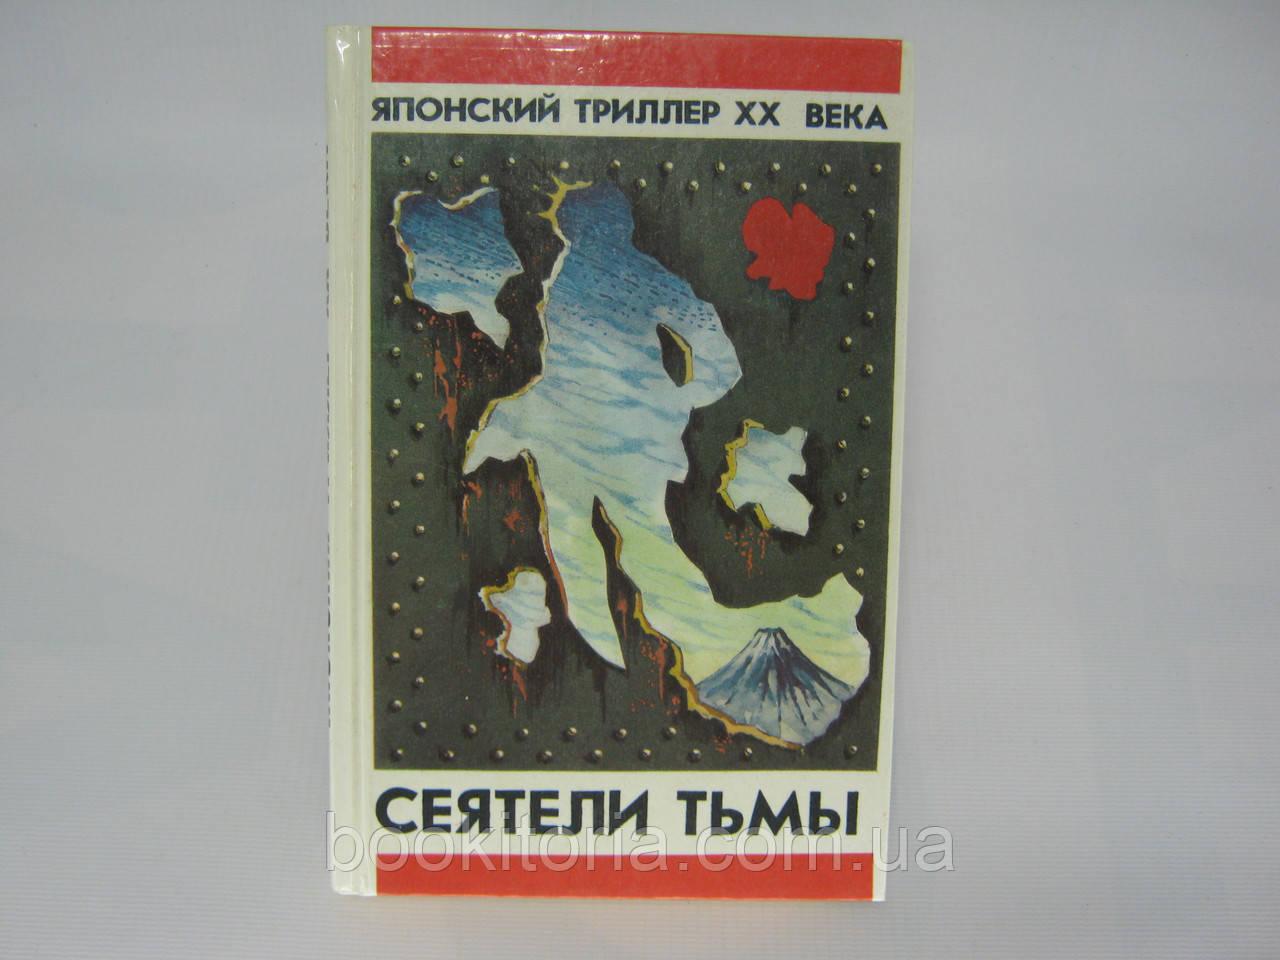 Сеятели тьмы (б/у).